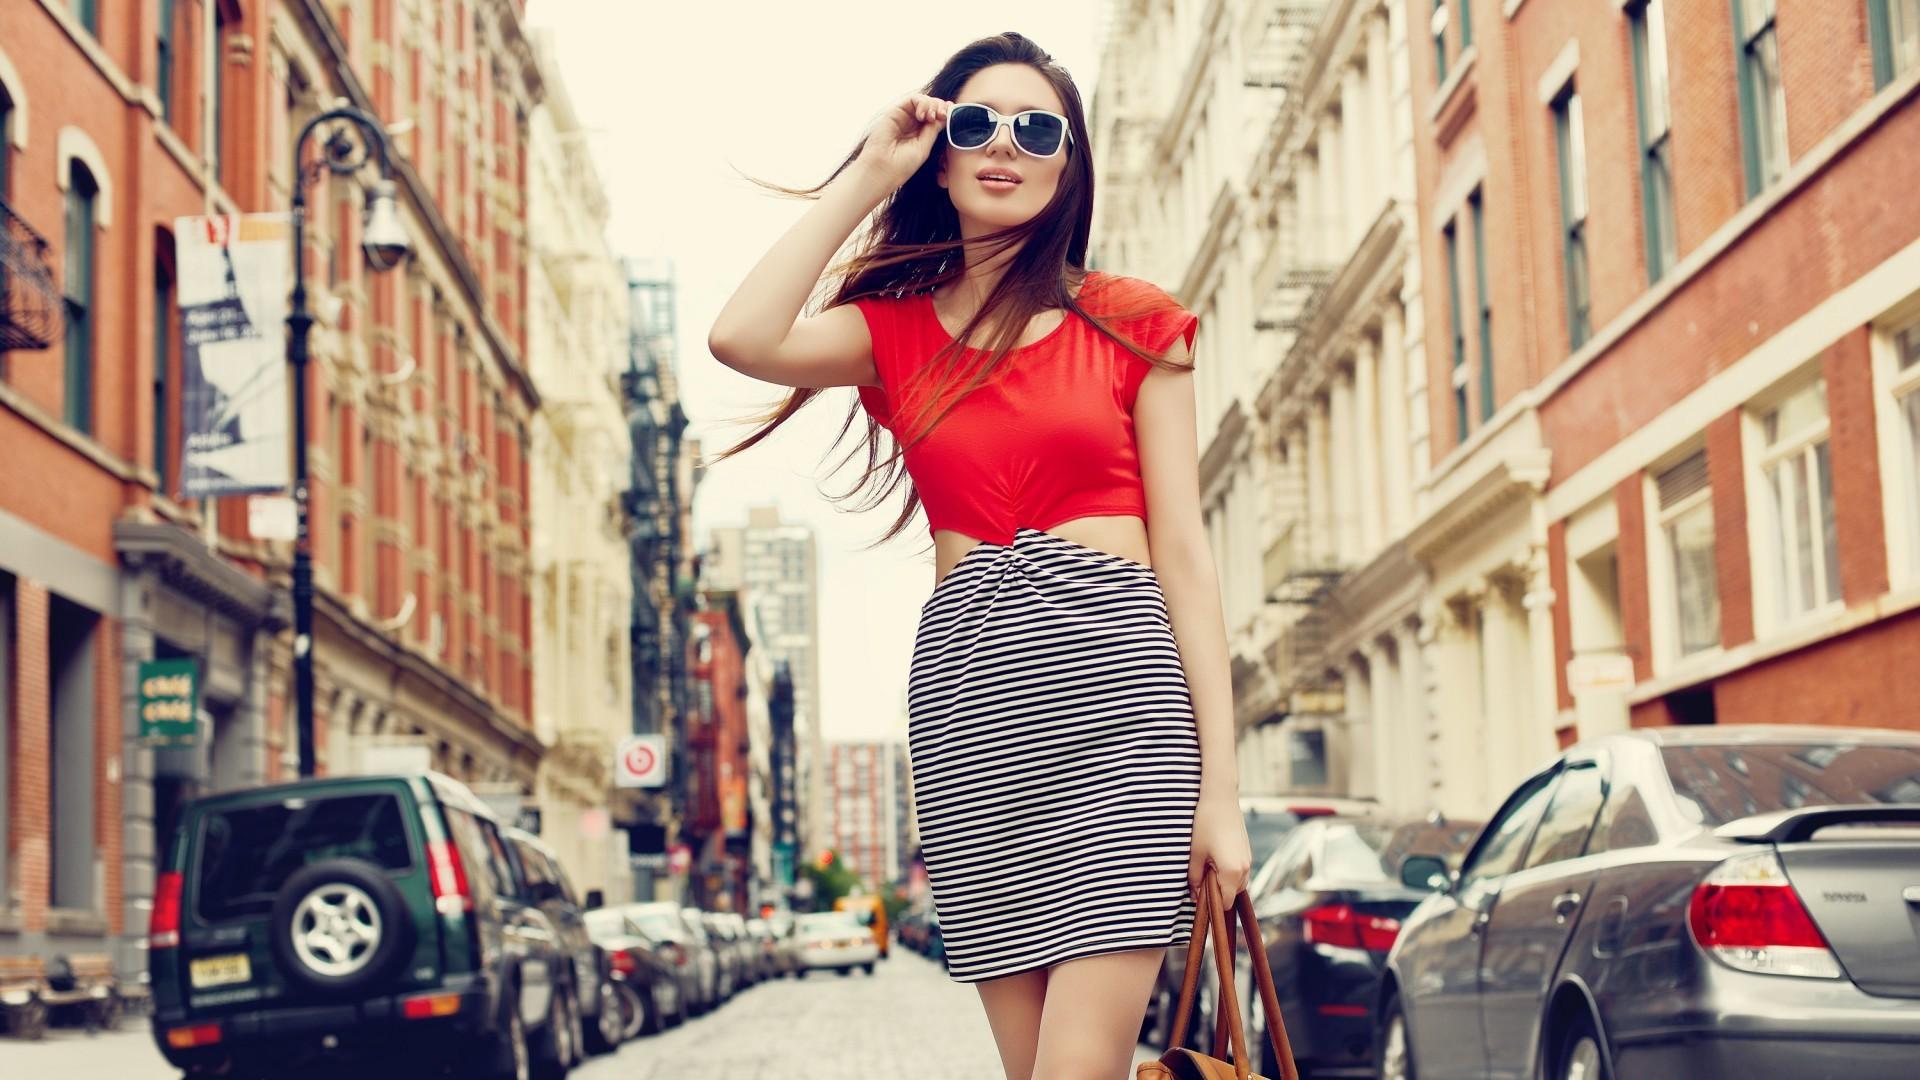 фото моделей женщин на улицах города впечатление